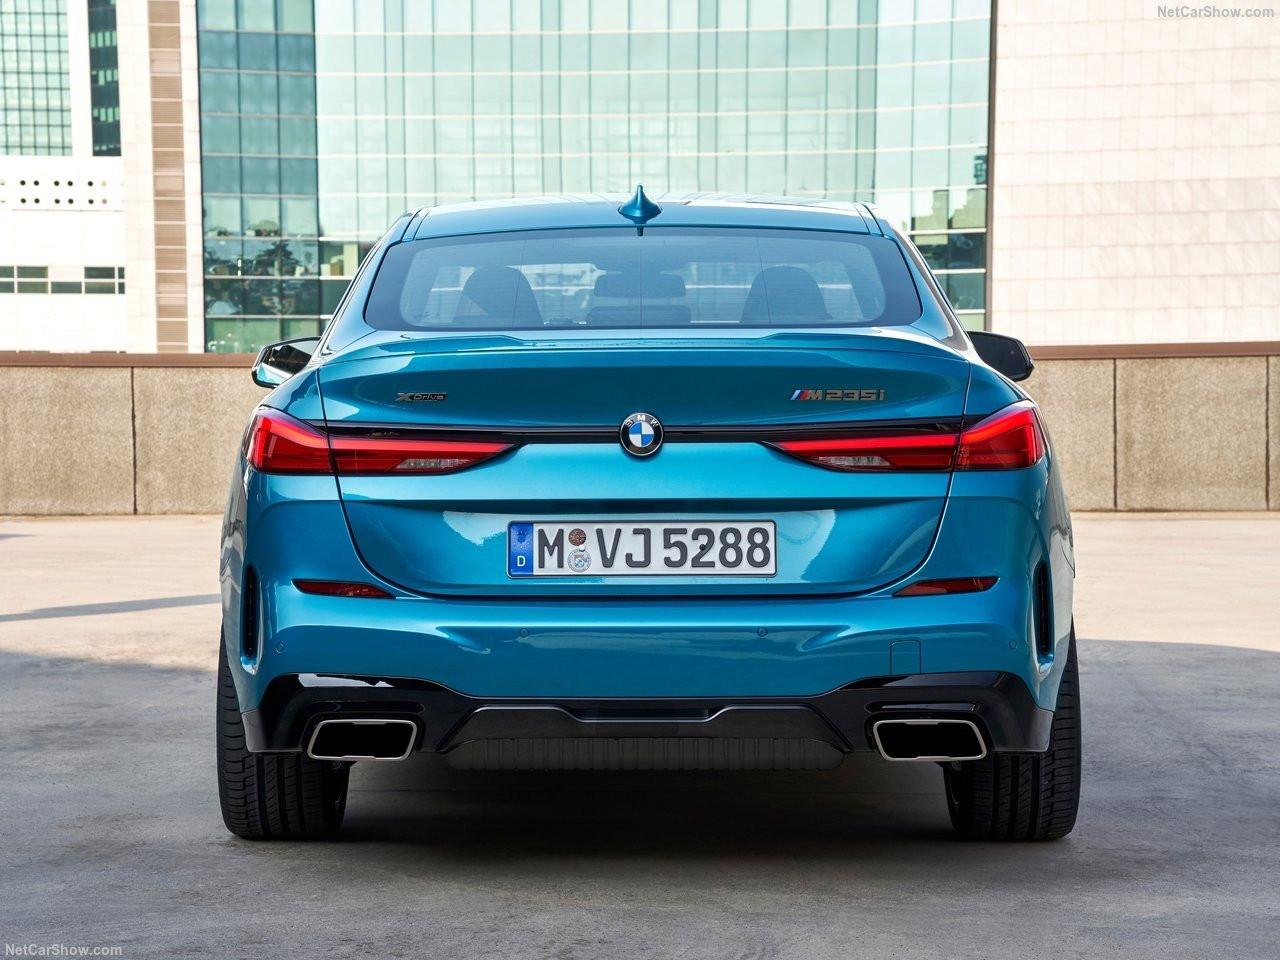 2020 BMW M235i xDrive Gran Coupe tanıtıldı